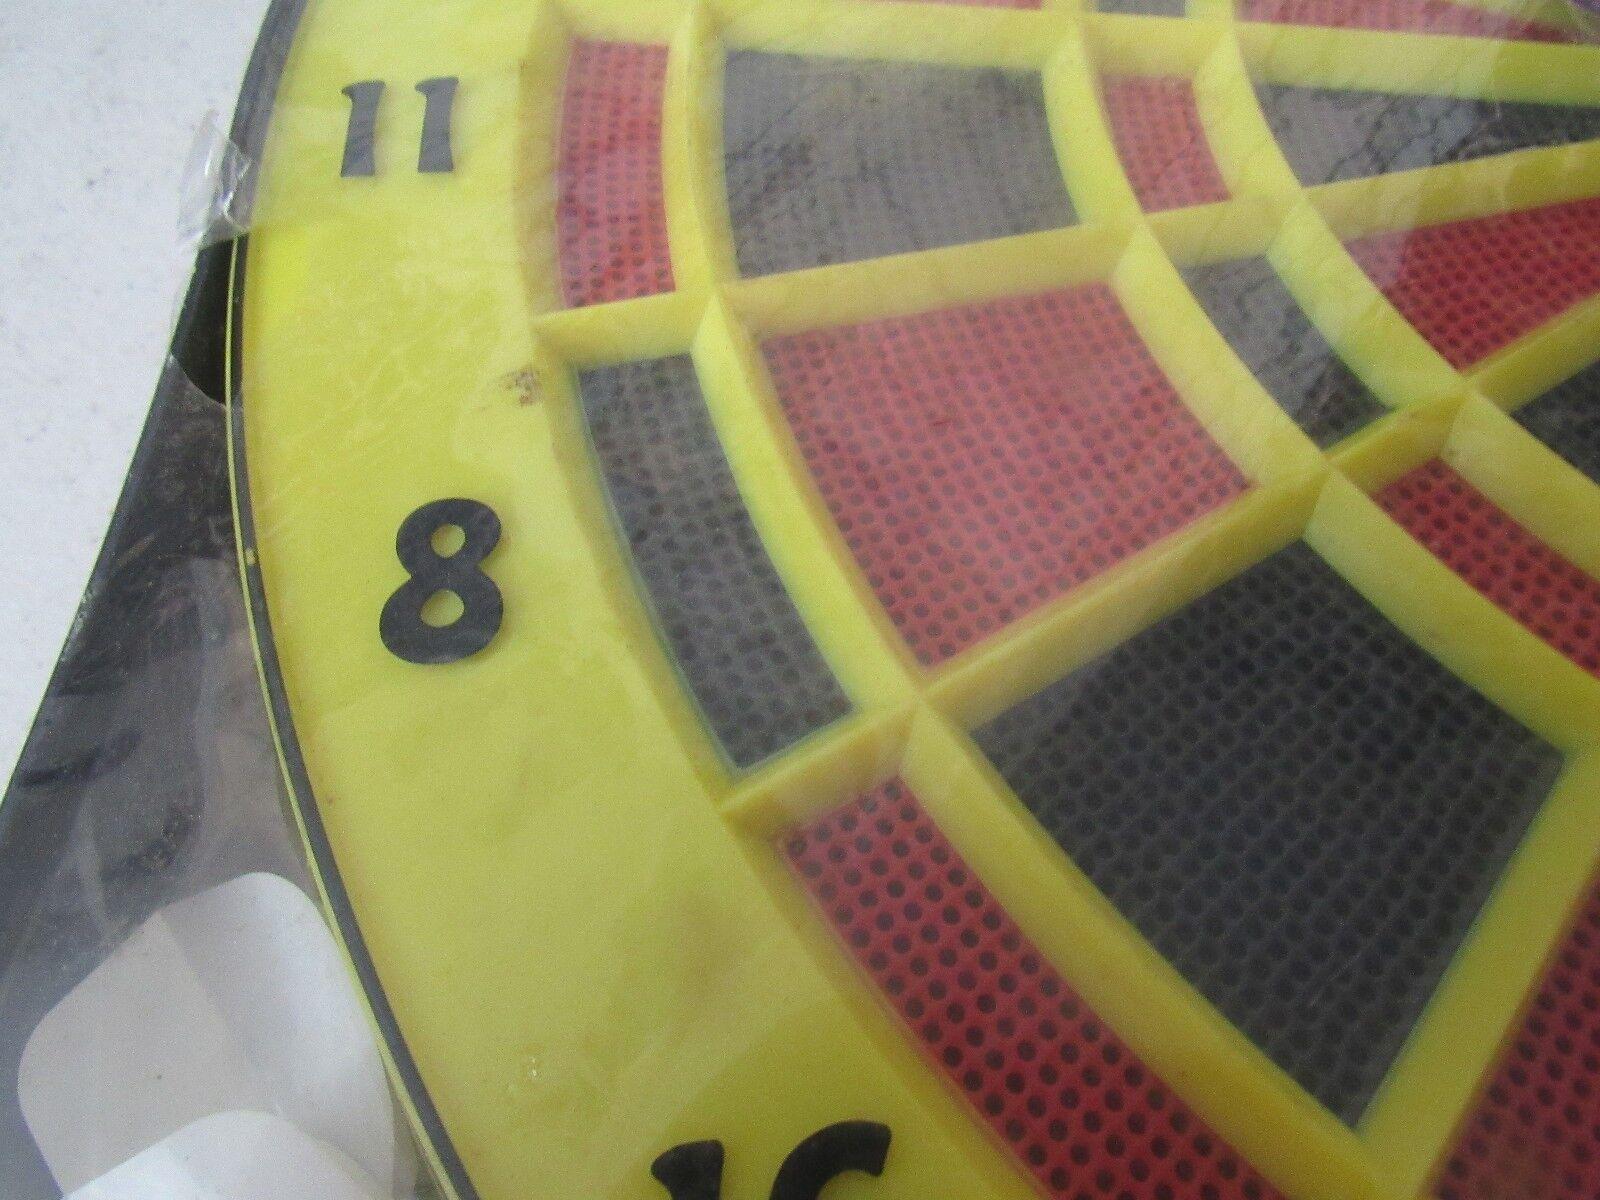 VTG Arachnid Dartboard English Darts Soft-tip Darts English dab7b5